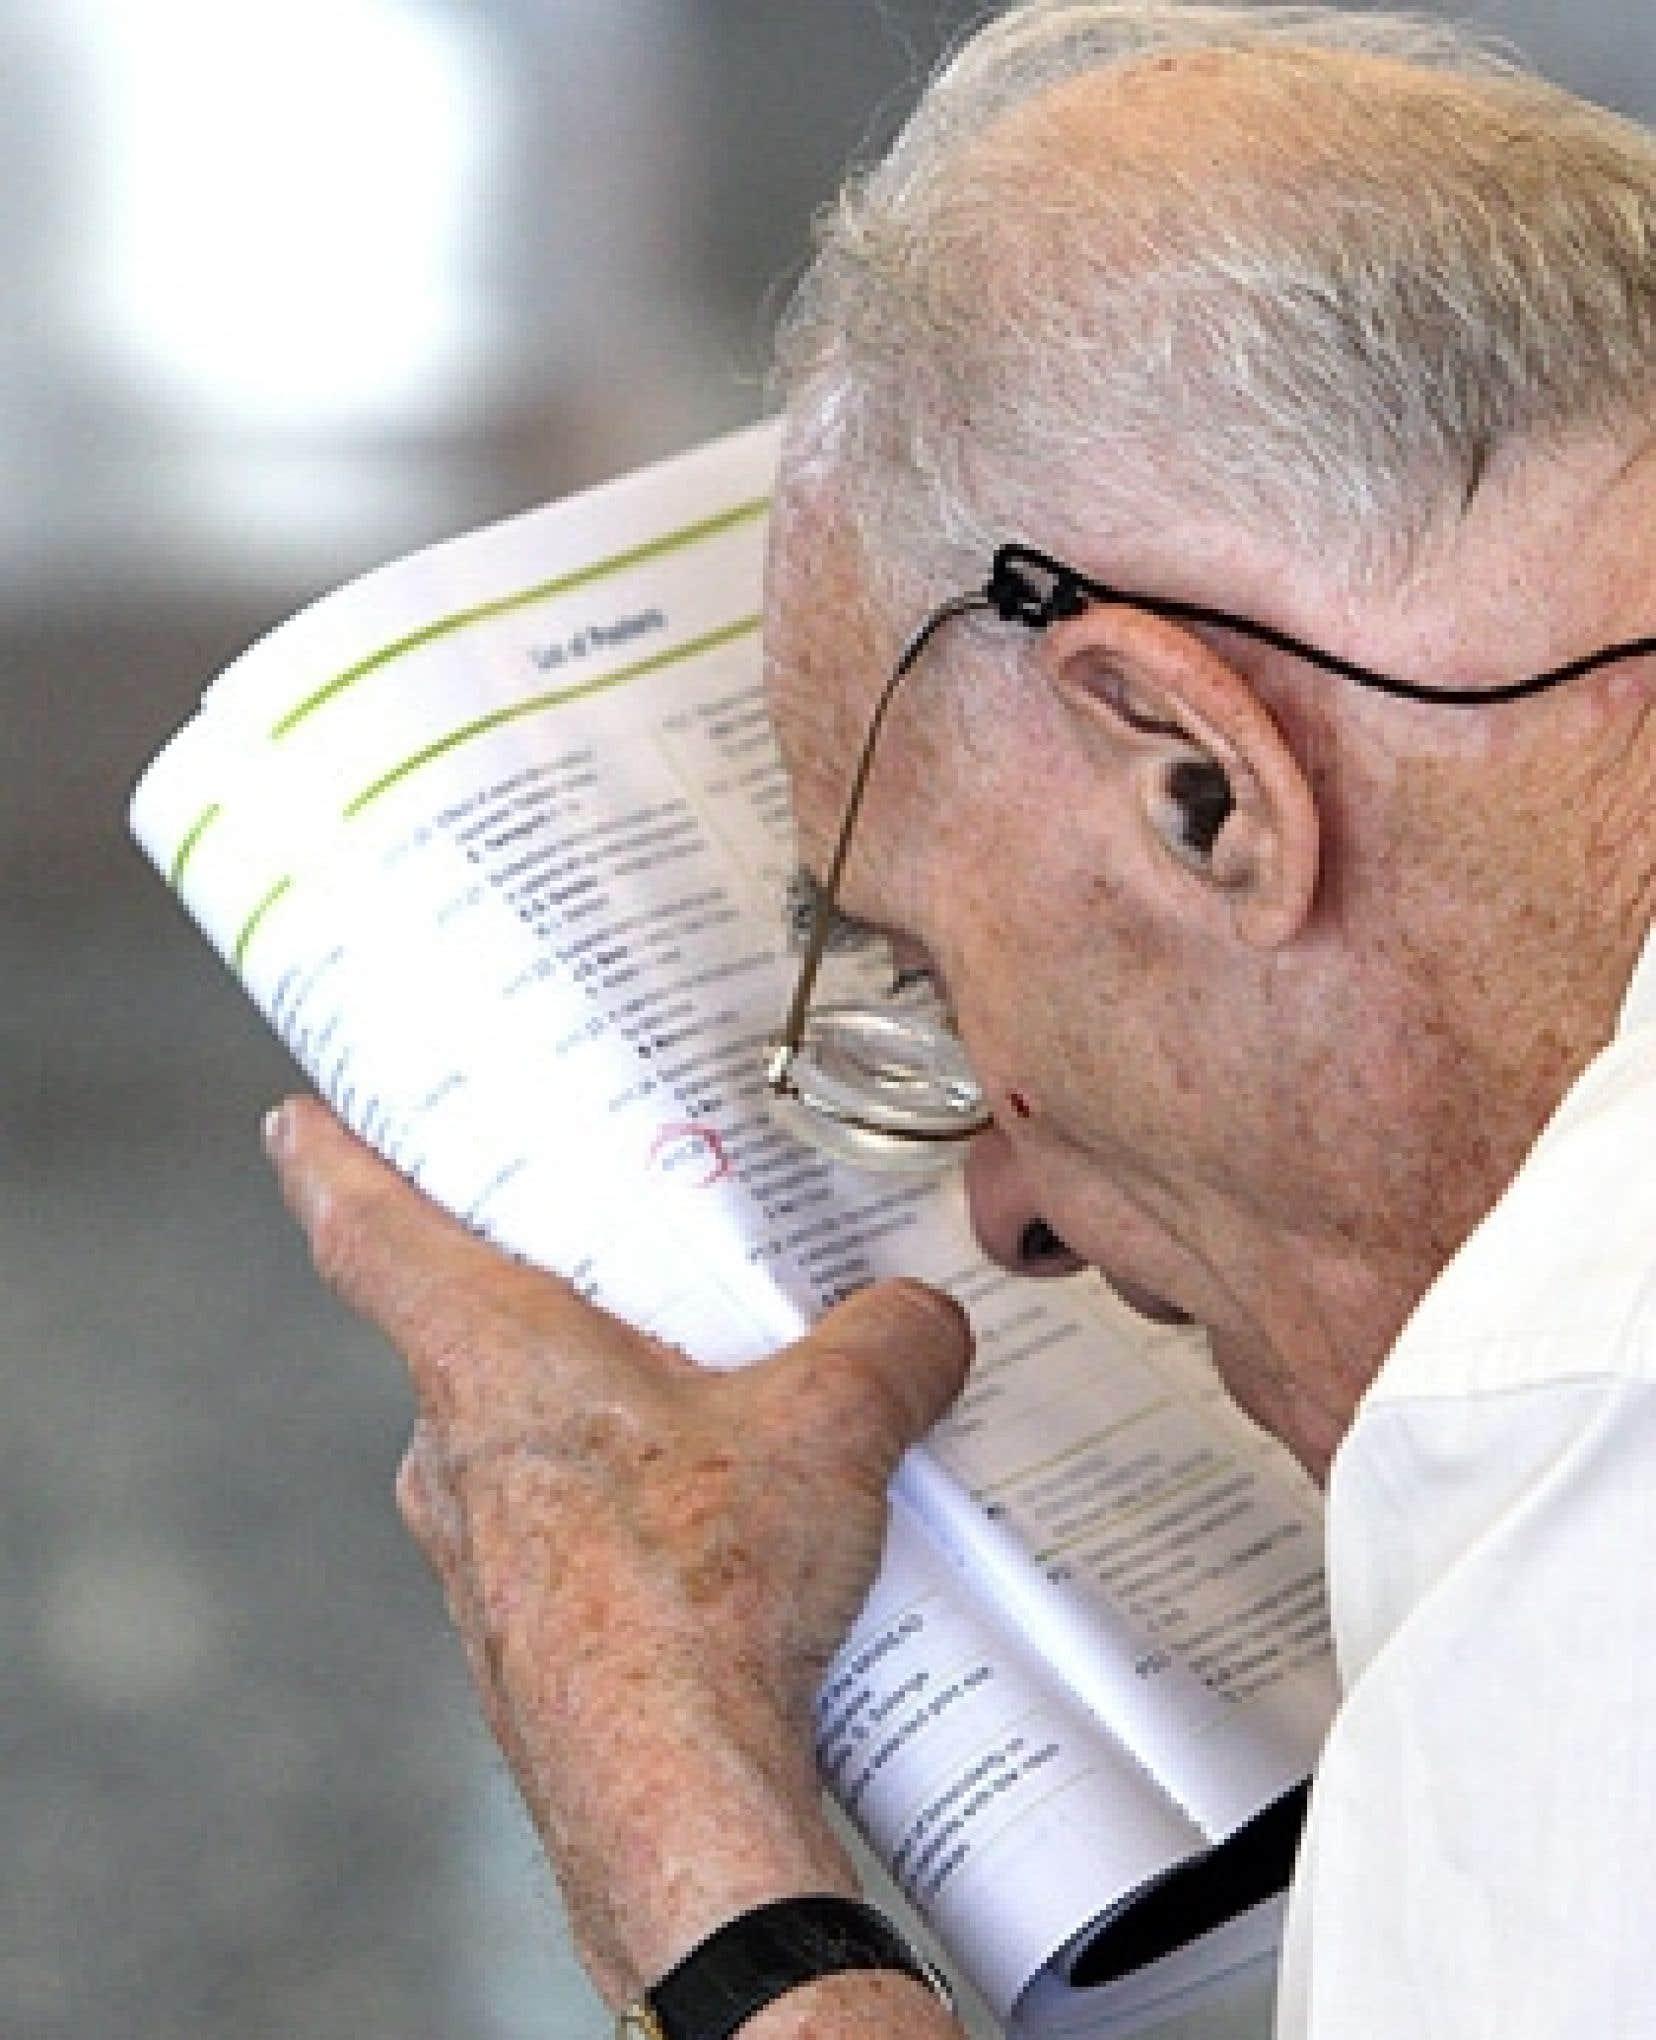 Chez les personnes de 80 ans ou plus, la proportion des personnes affectées par une déficience visuelle atteint 23,7 %.